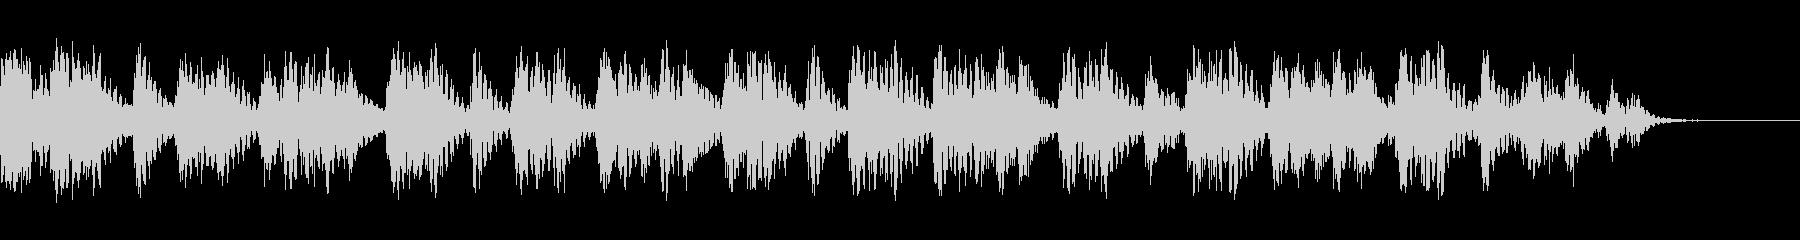 ラバーベッドの未再生の波形